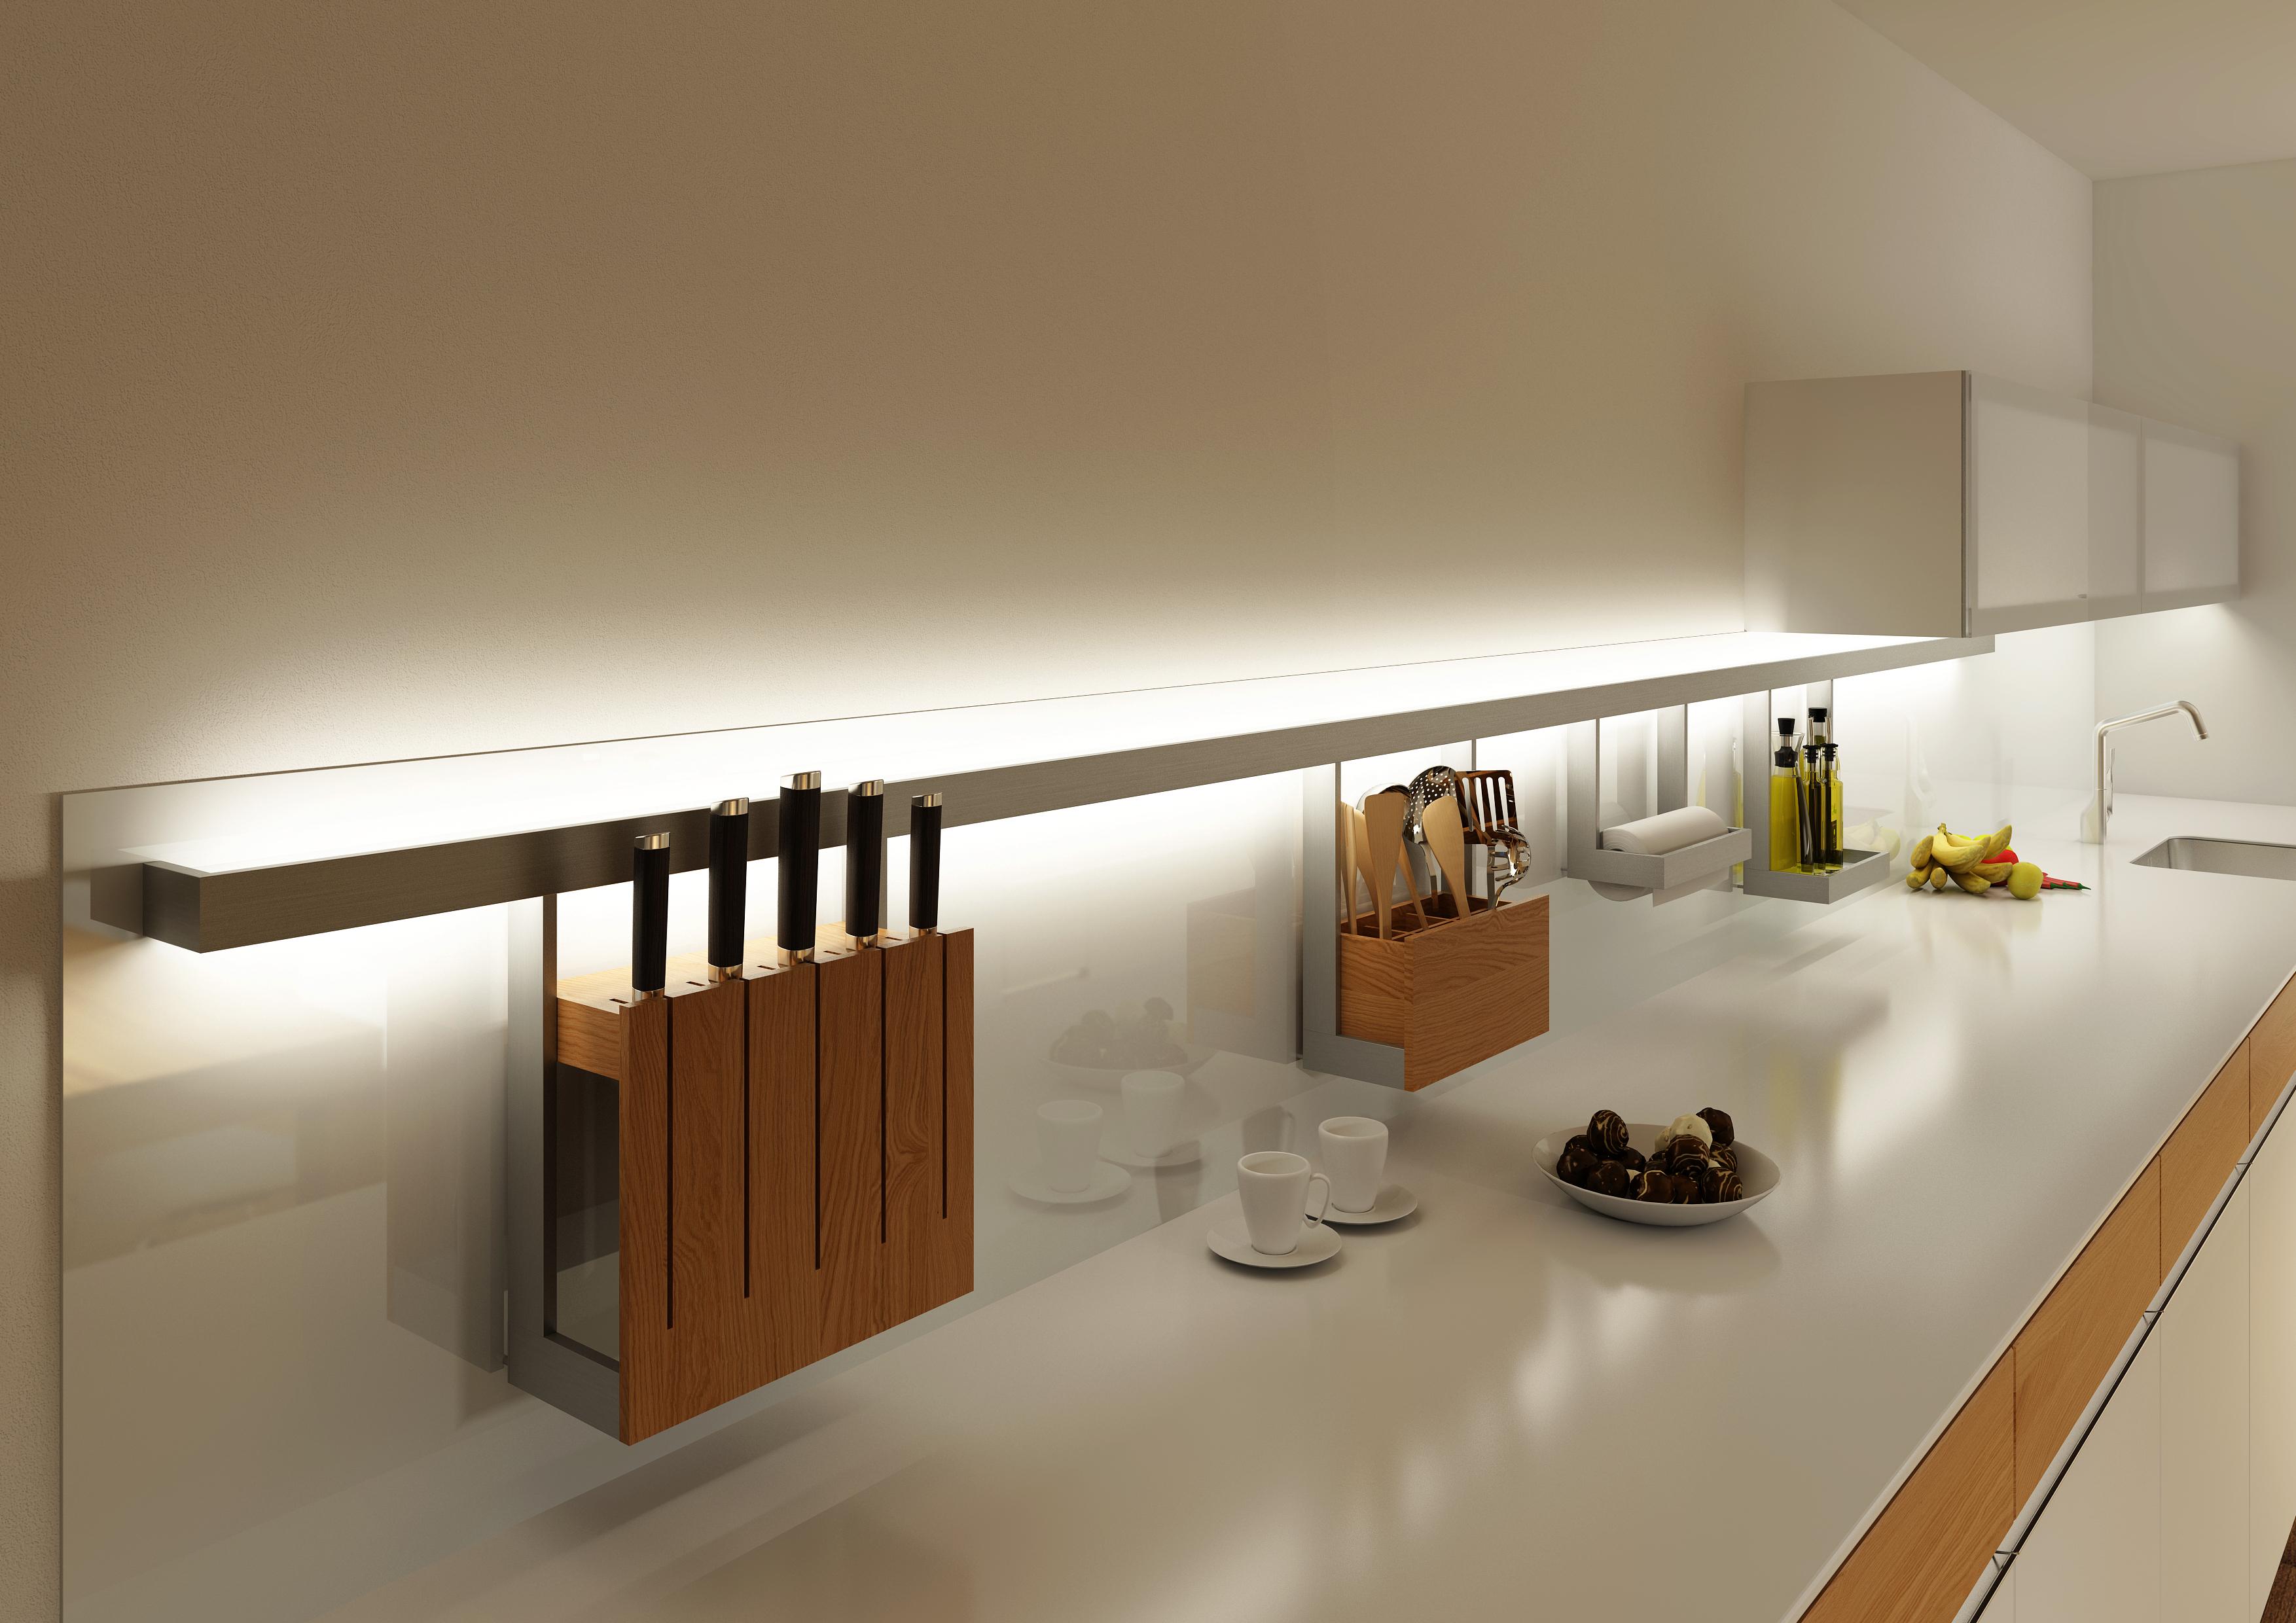 Ideen Beleuchtung Kuche Caseconrad Com